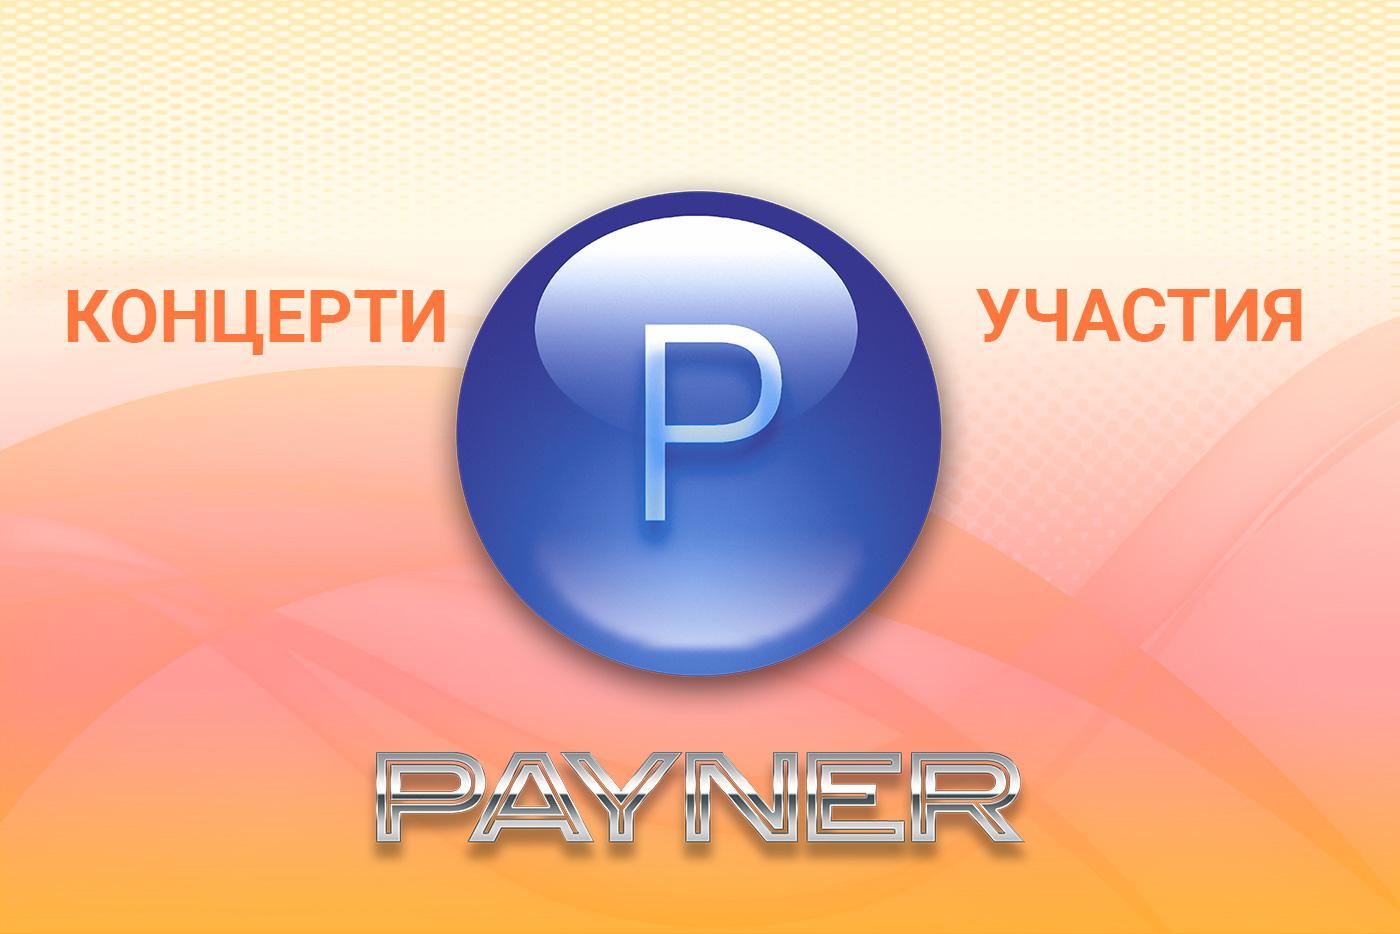 """Участия на звездите на """"Пайнер"""" на 17.01.2020"""